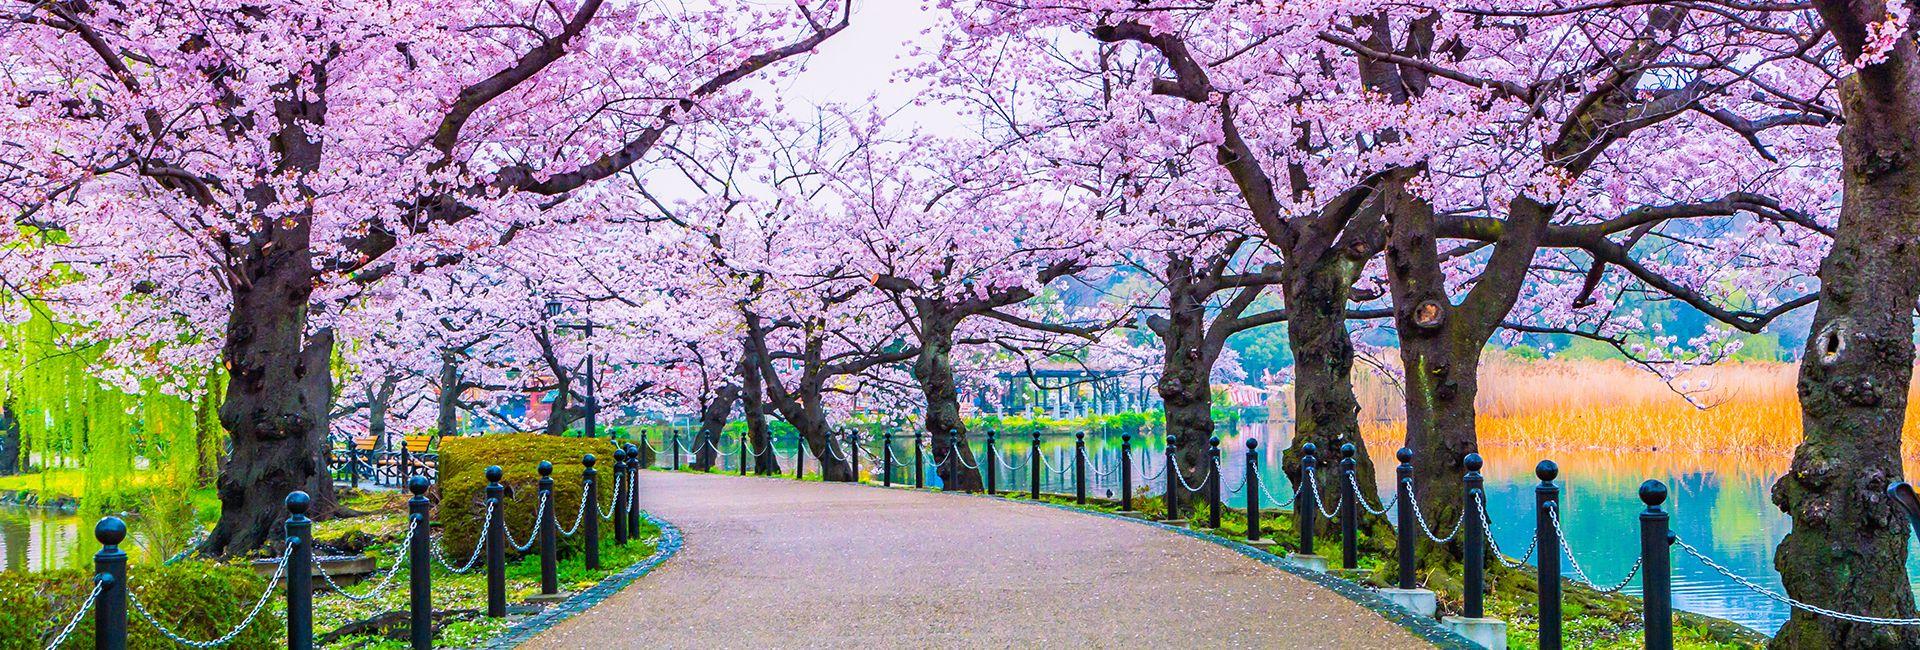 10 địa điểm ngắm hoa anh đào đẹp nhất ở Kyoto, Nhật Bản